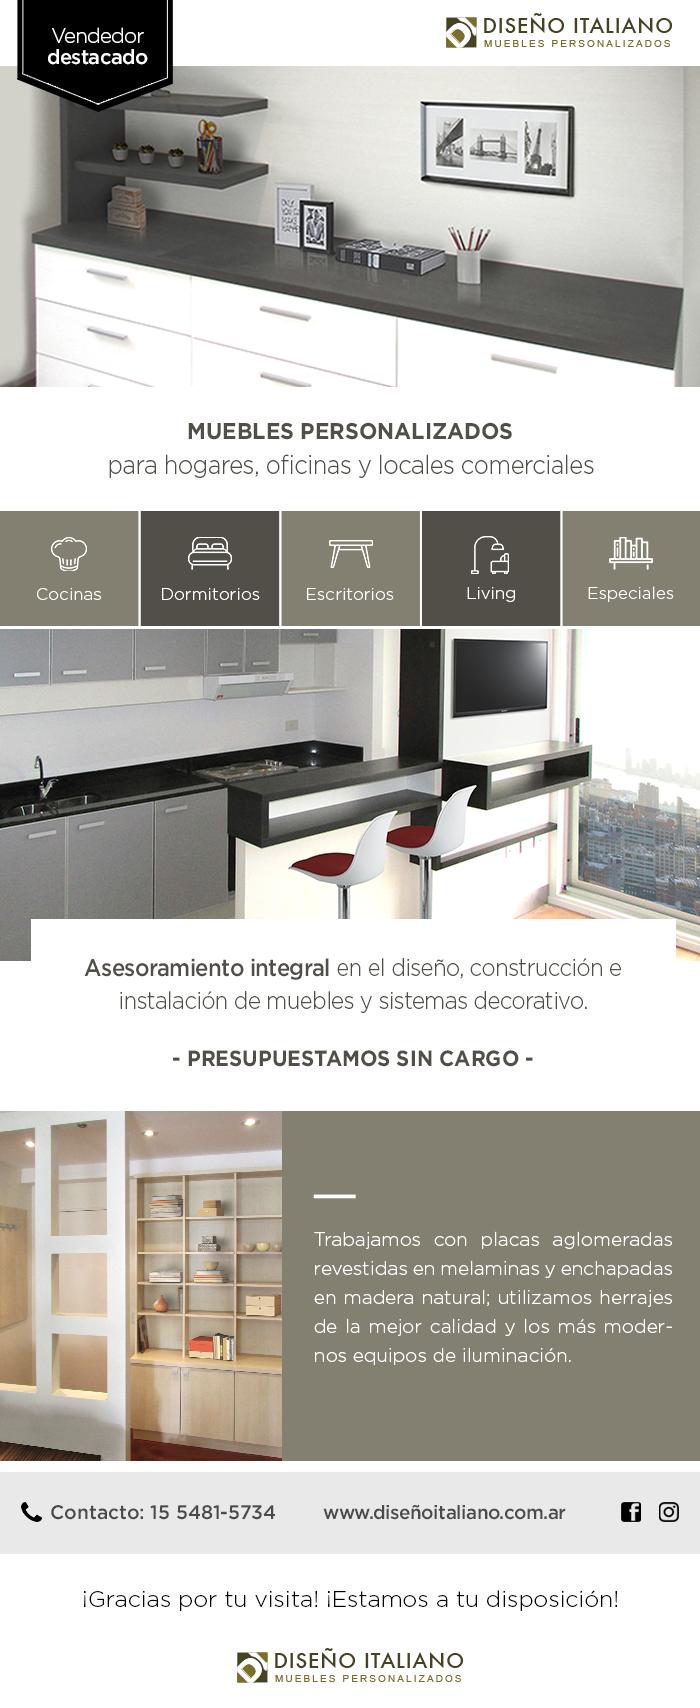 Muebles personalizados para hogares, oficinas y locales comerciales